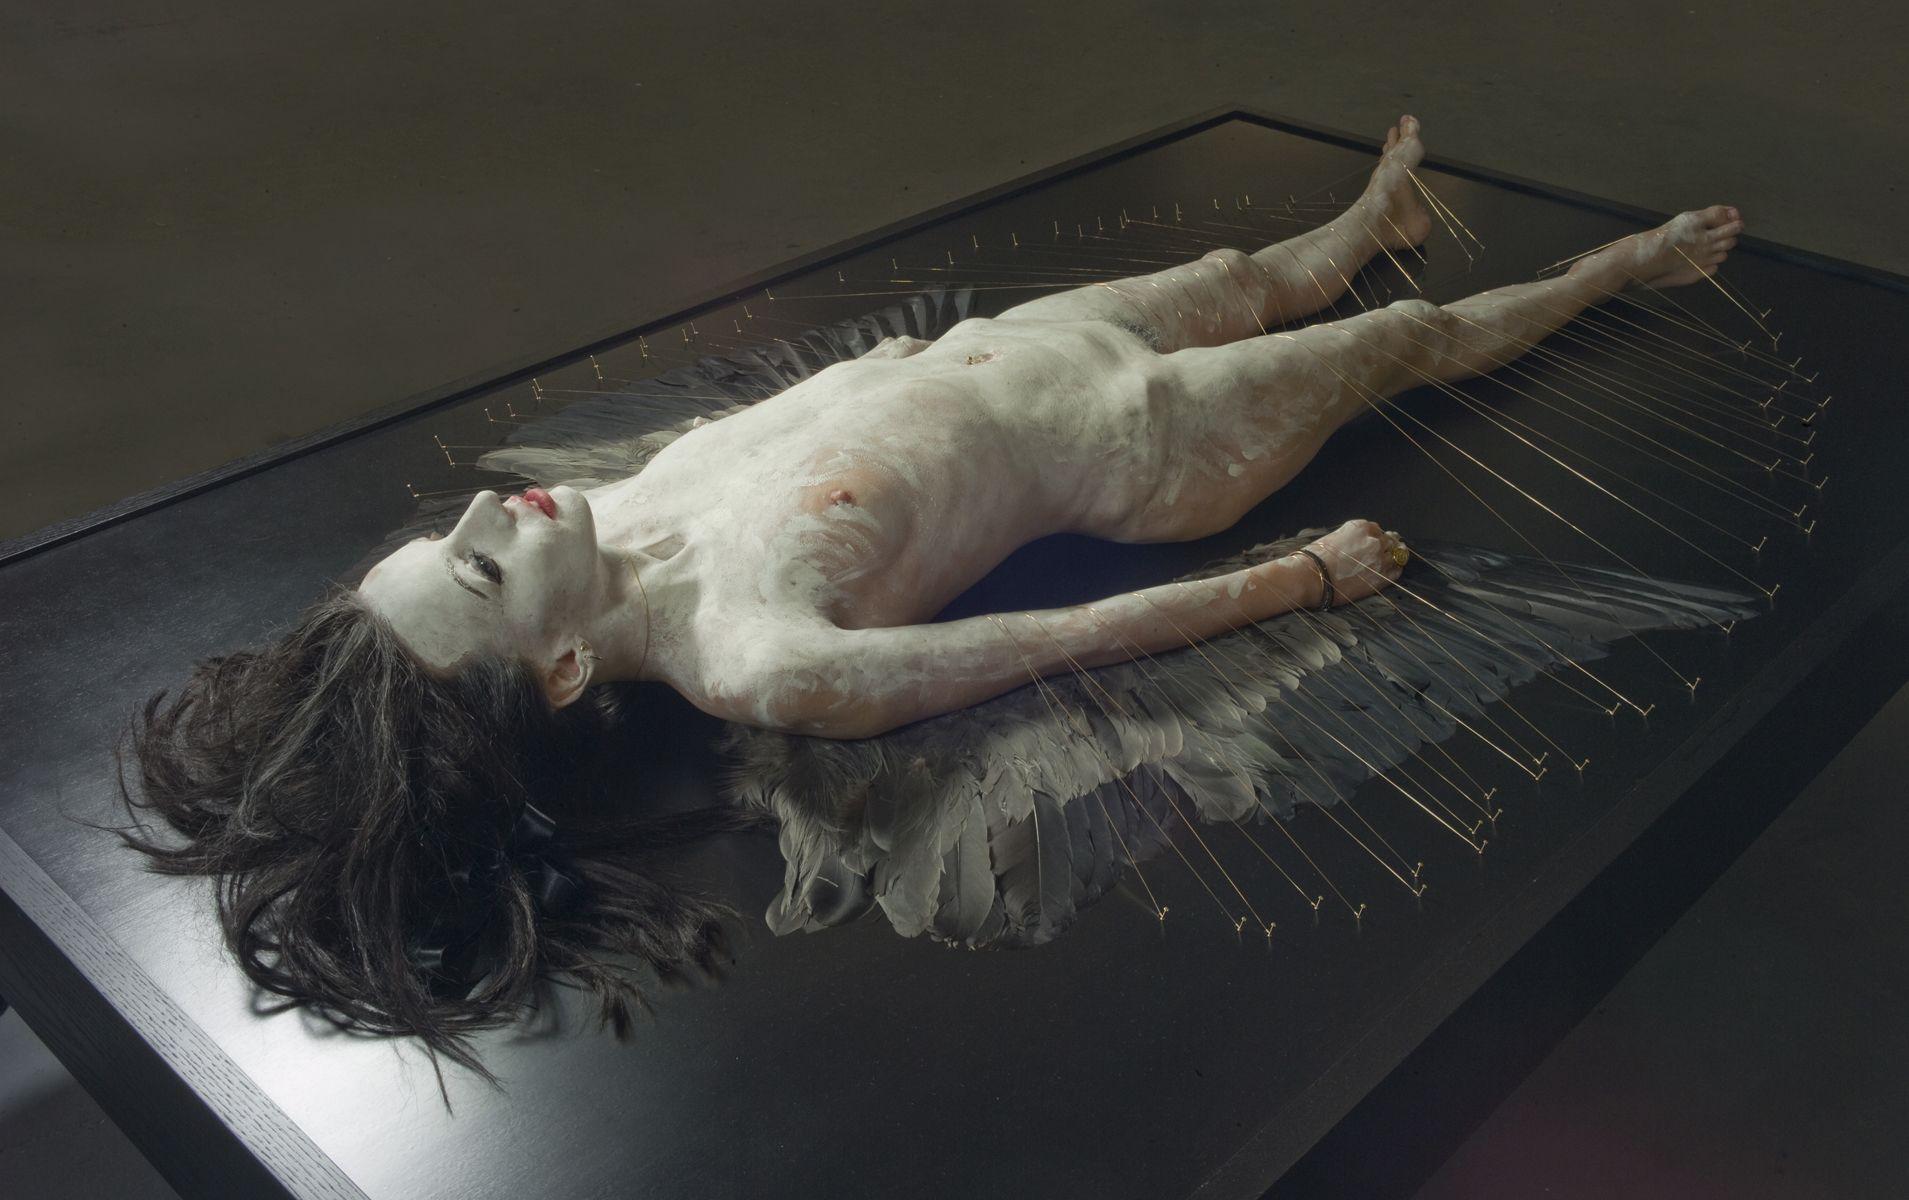 Paul Fryer: Lilith Lilith (detail), 2010 (Wax, glass, human hair